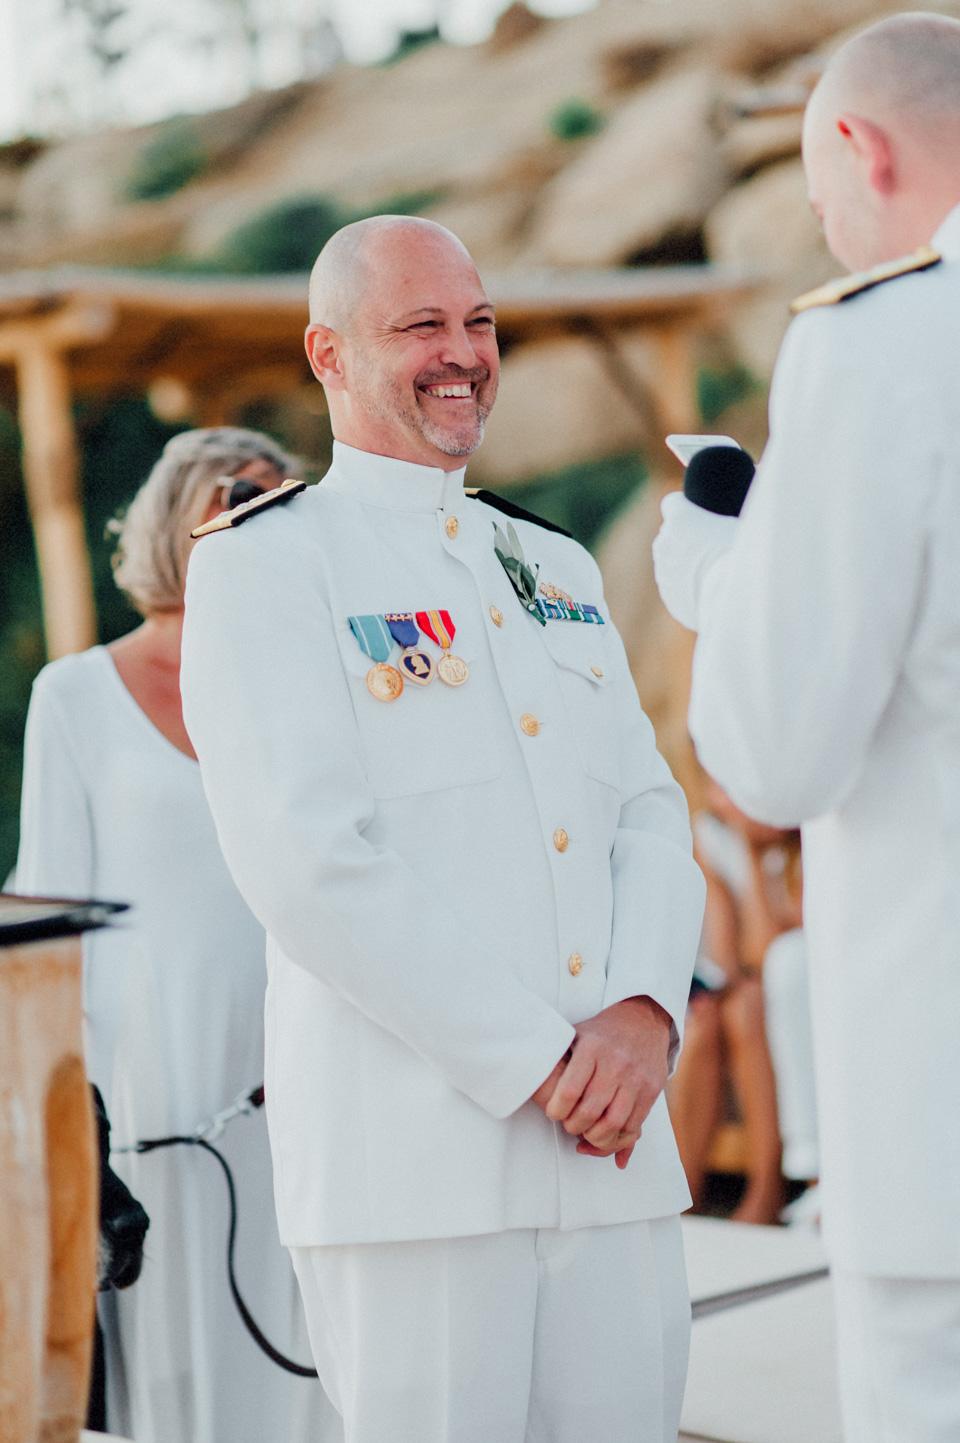 love-wins-beach-wedding-87 Ervin & Ian Love wins. Hochzeit auf Mykonos. Foto & Filmlove wins beach wedding 87